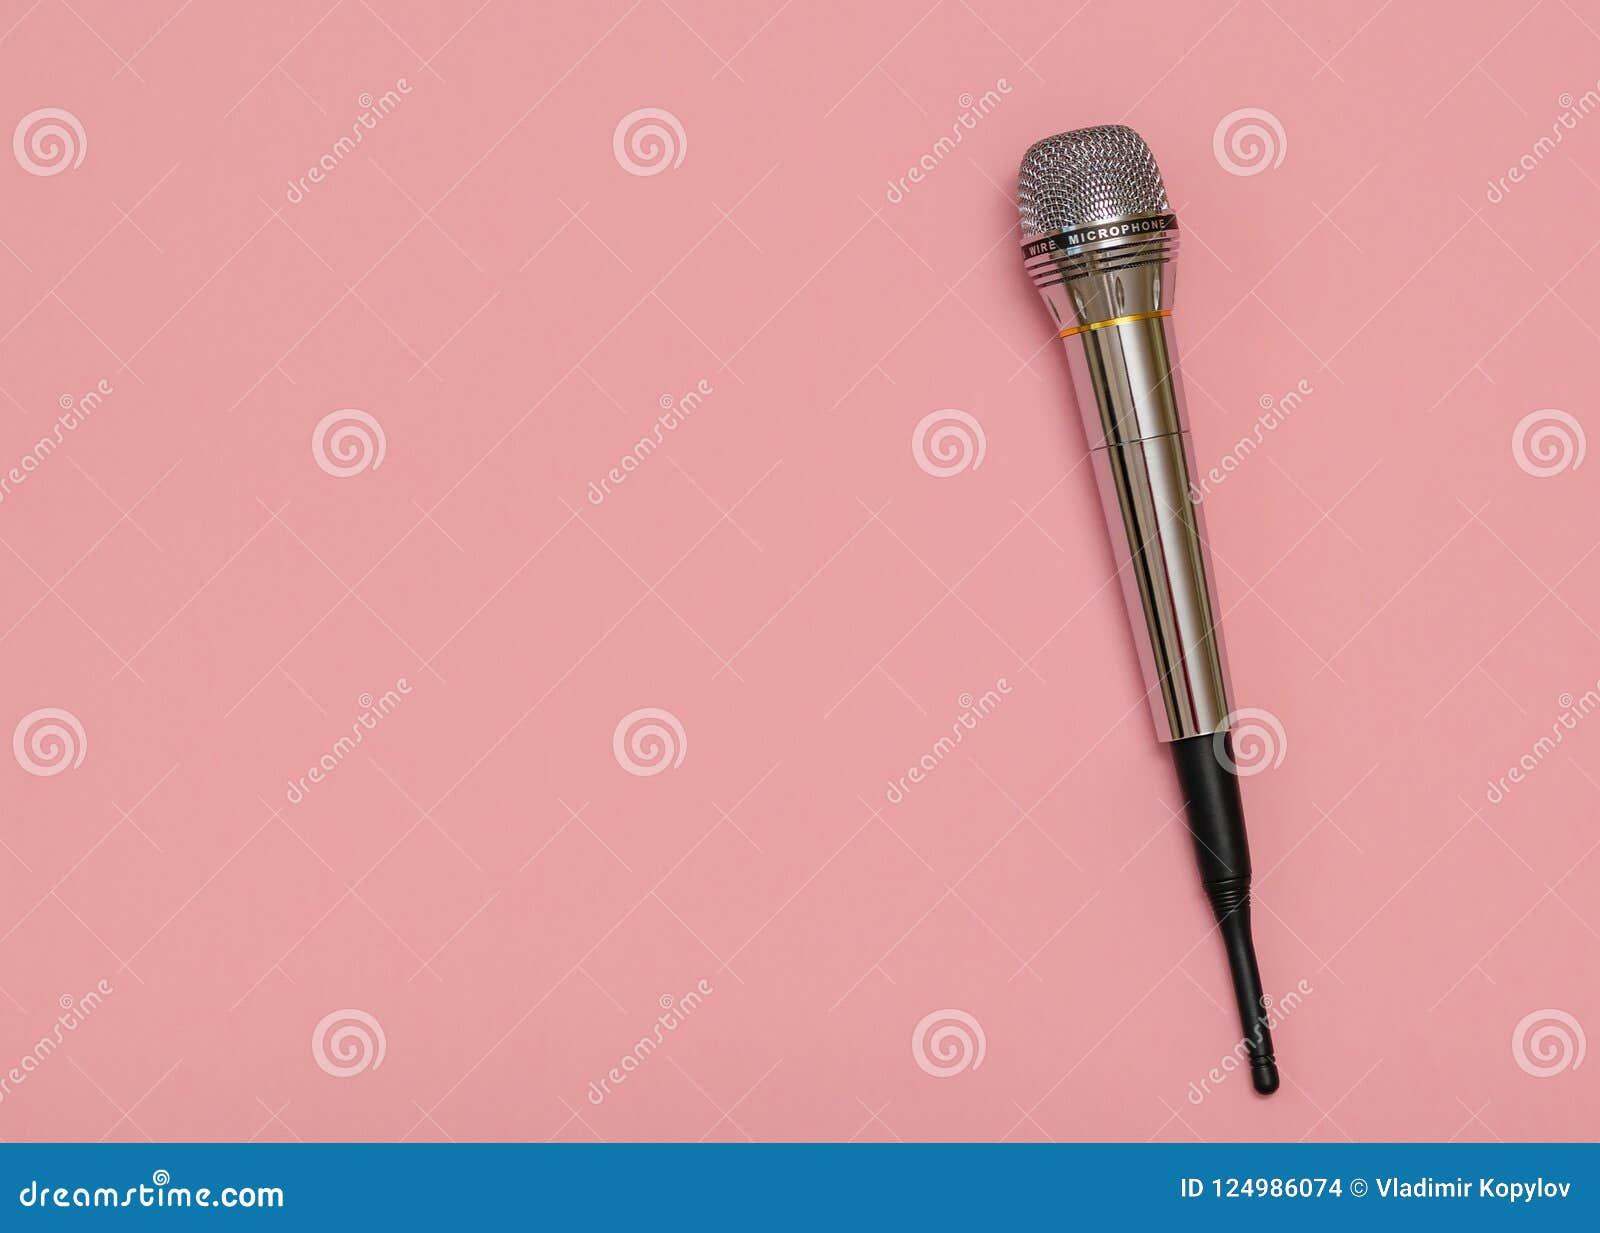 Αναδρομικό μικρόφωνο με το καλώδιο στο ρόδινο υπόβαθρο μινιμαλισμός Επίπεδος βάλτε